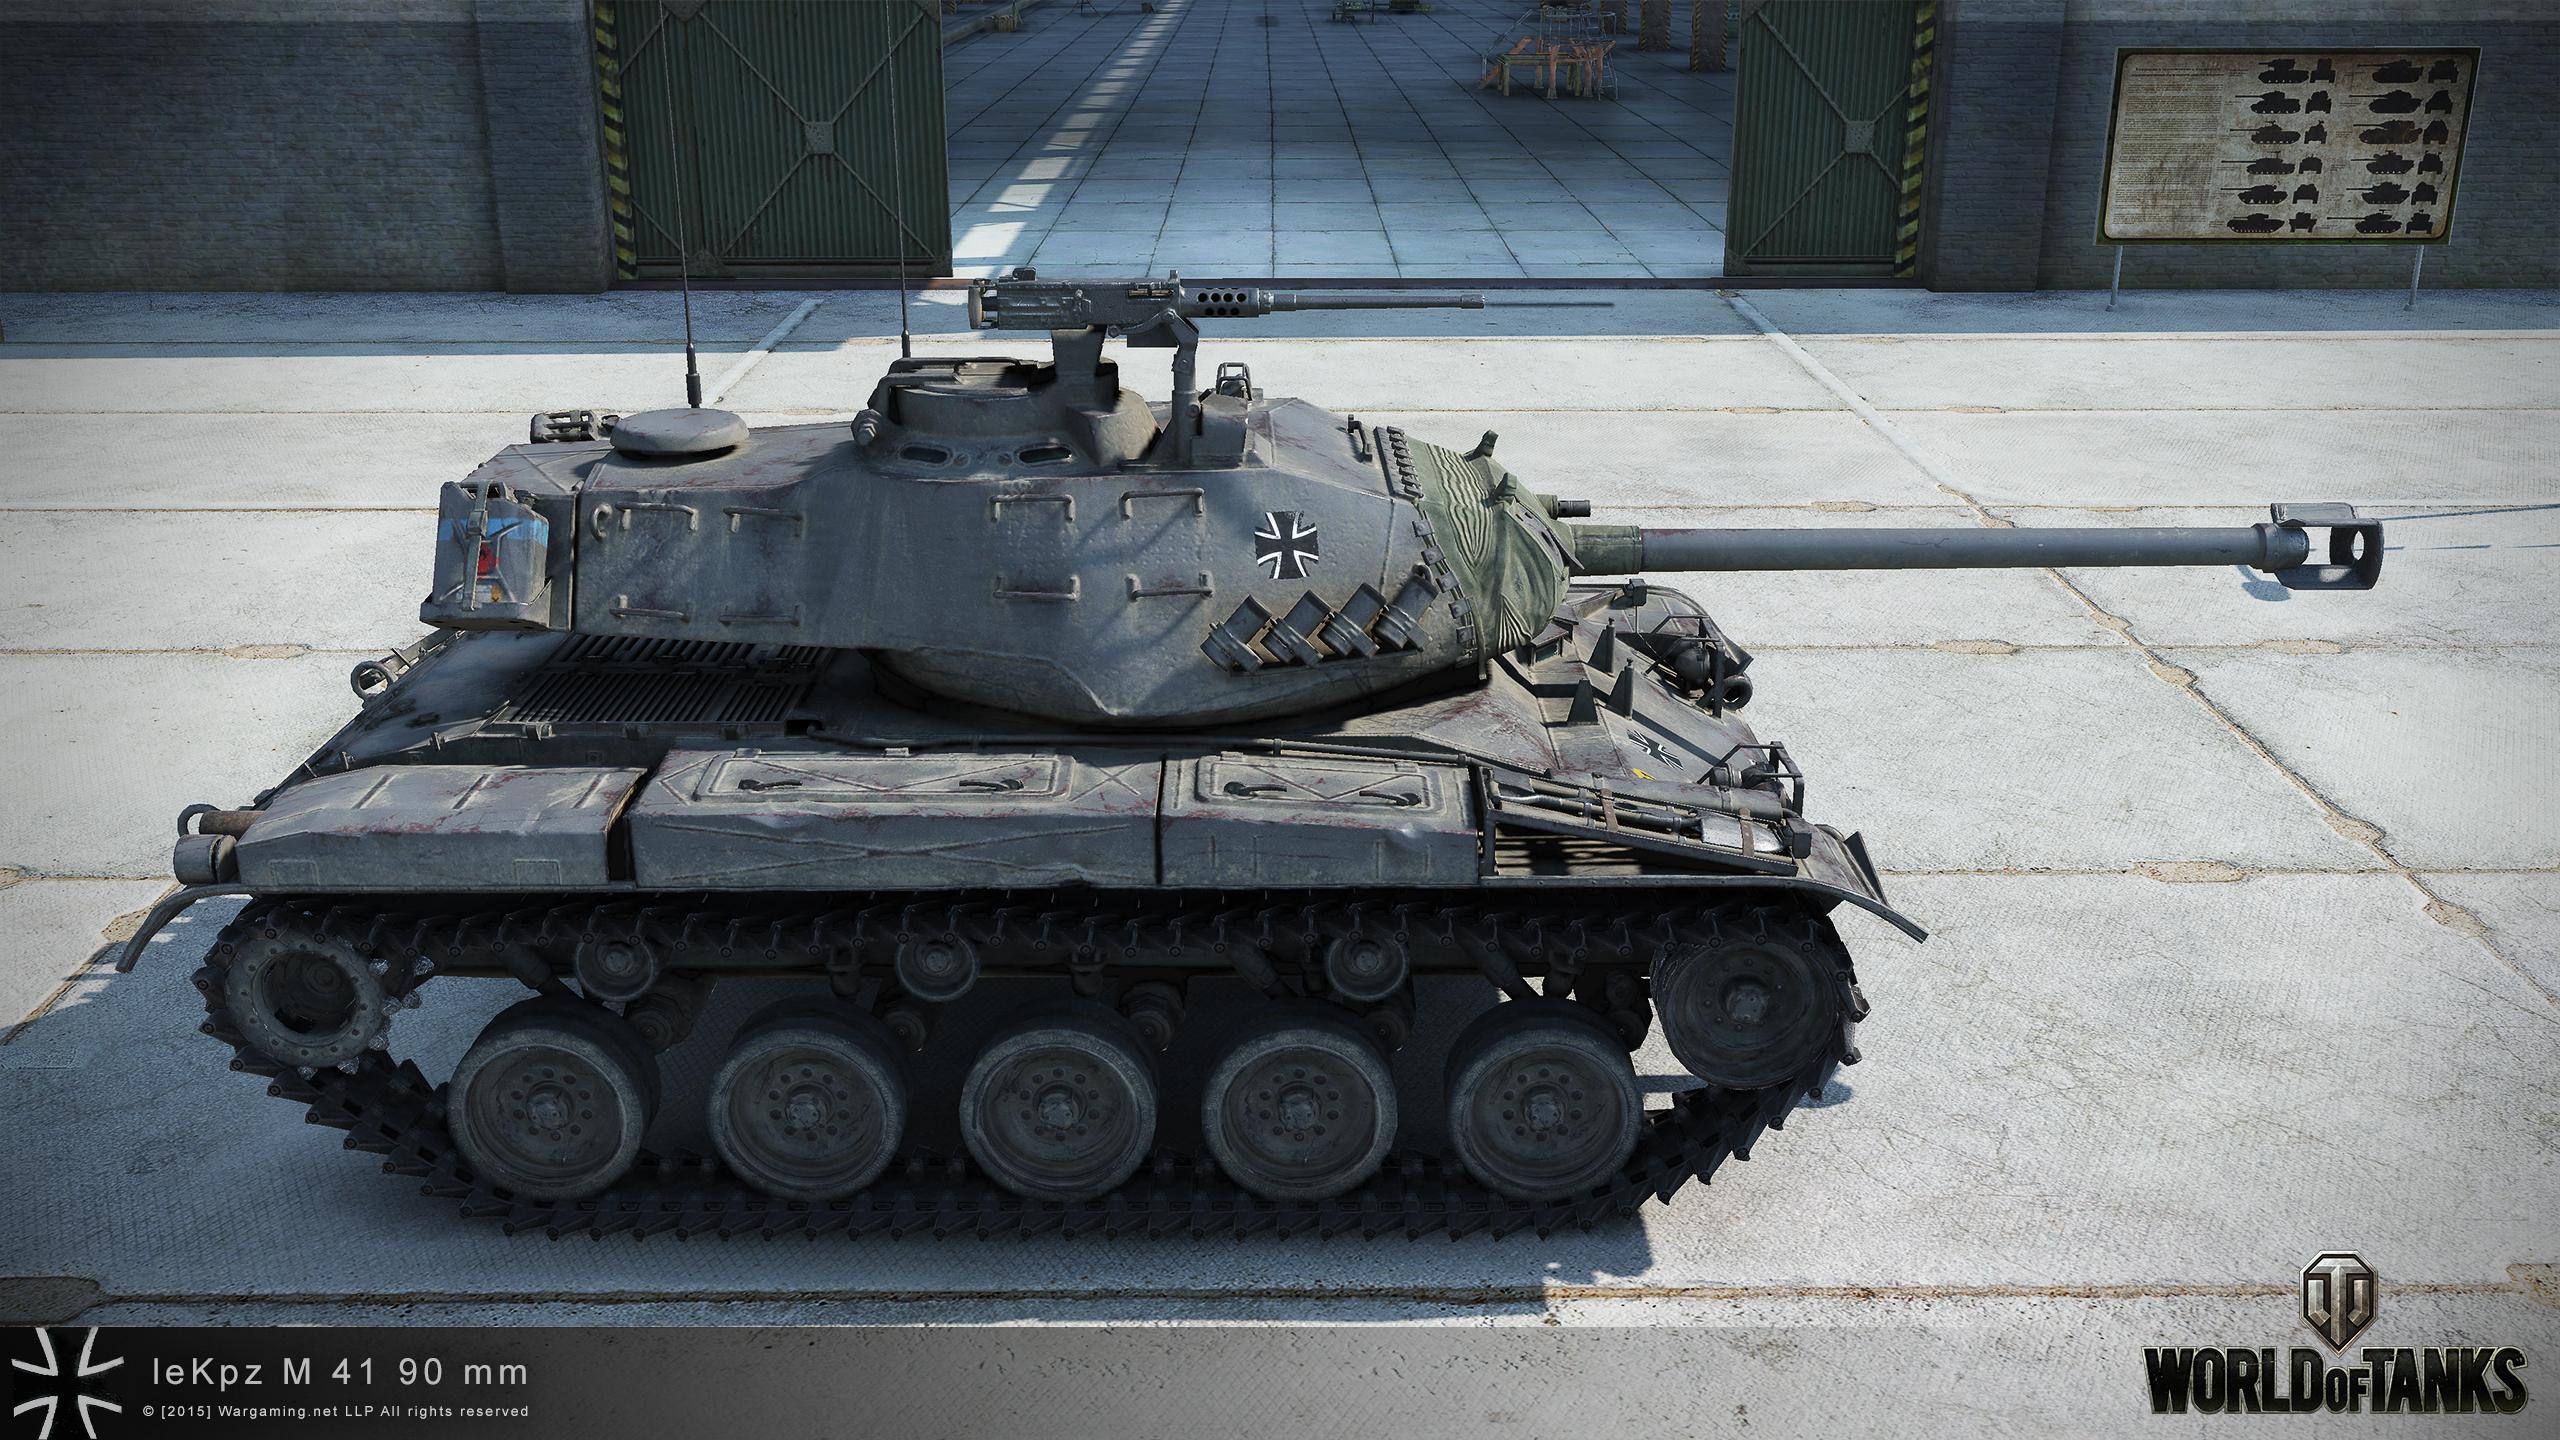 lekpz m 41 90mm 6